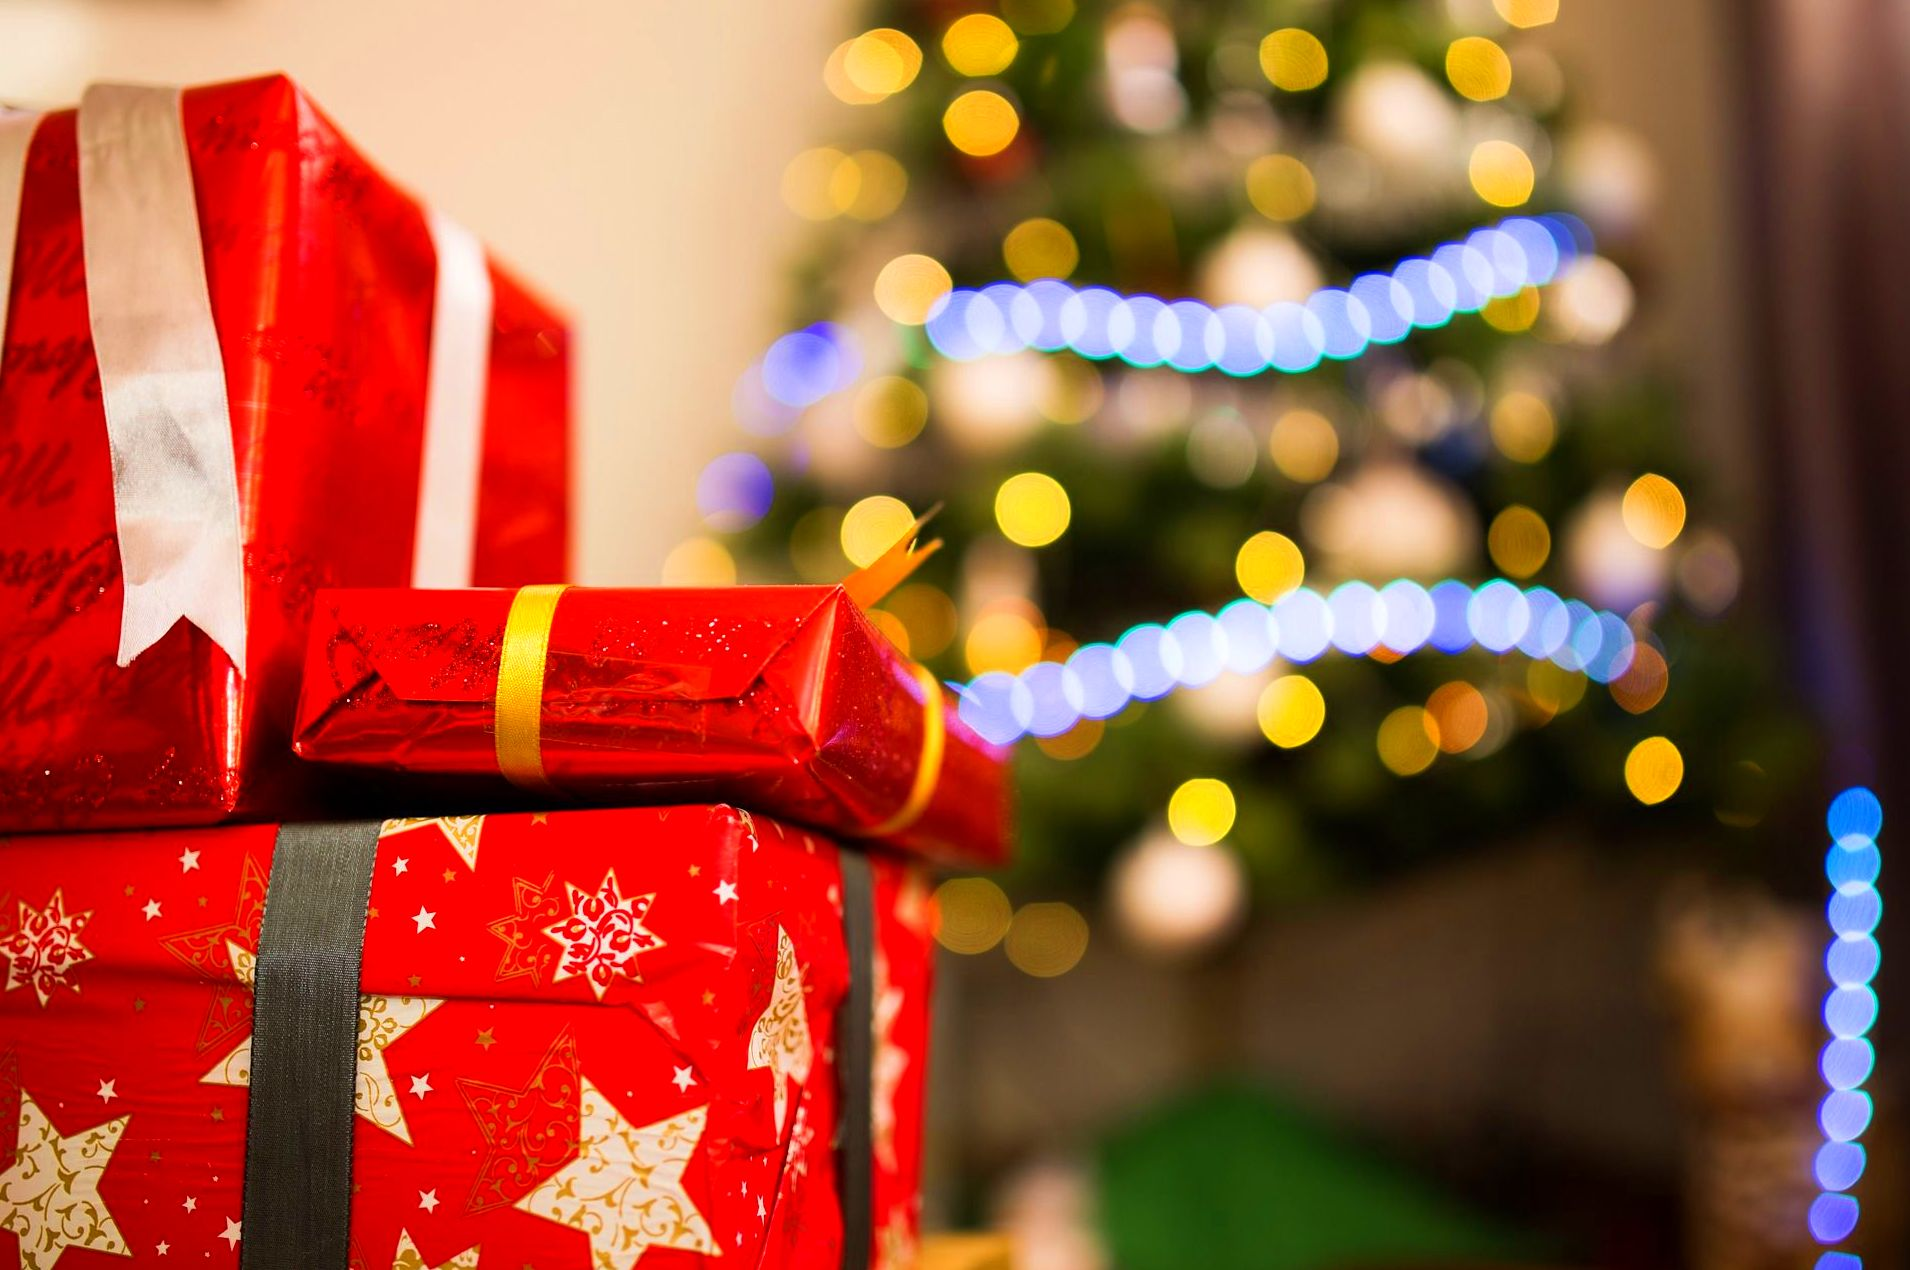 Rebajas de invierno - Compras - Regalos - Private Credit - Préstamo de dinero urgente